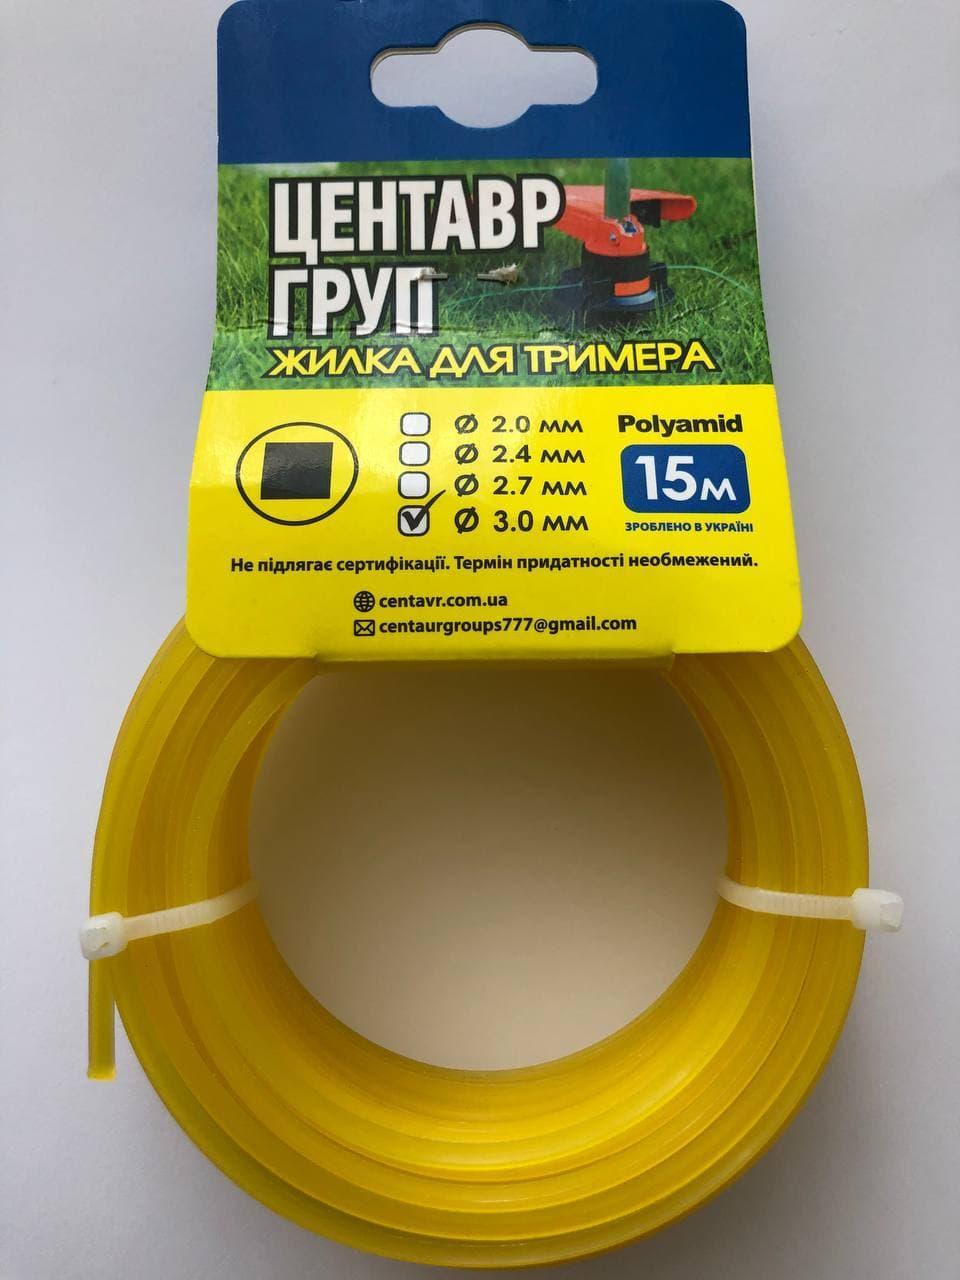 Лісочка для тріммера квадрат 2.4 мм. 15 метрів